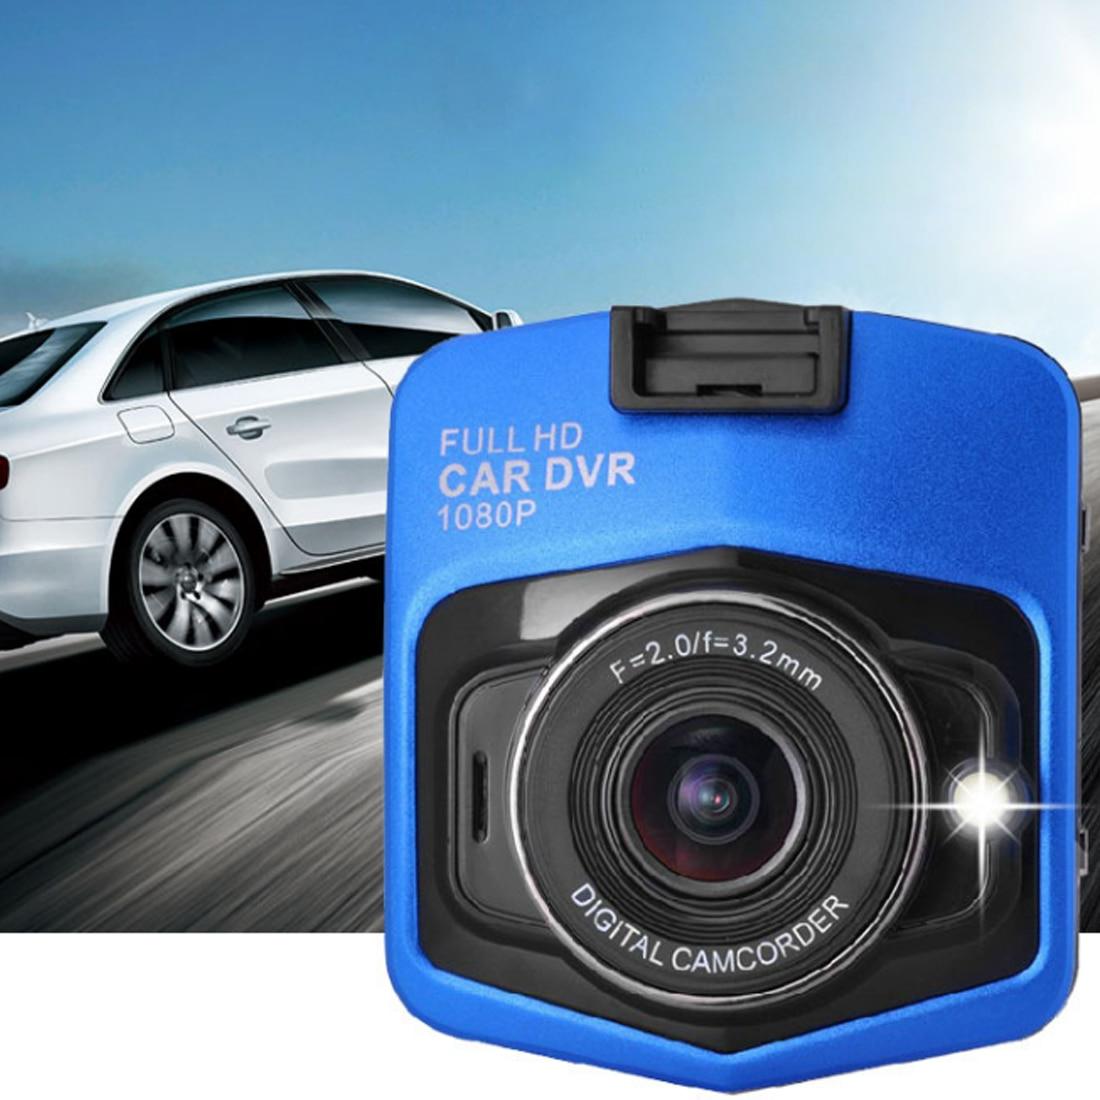 NOYOKERE New2.4 Pollici LCD Screen Registratore di Guida Dell'automobile DVR di Visione Notturna Mini Videocamere Macchina Fotografica di Video Dash Cam Dashcam Veicolo